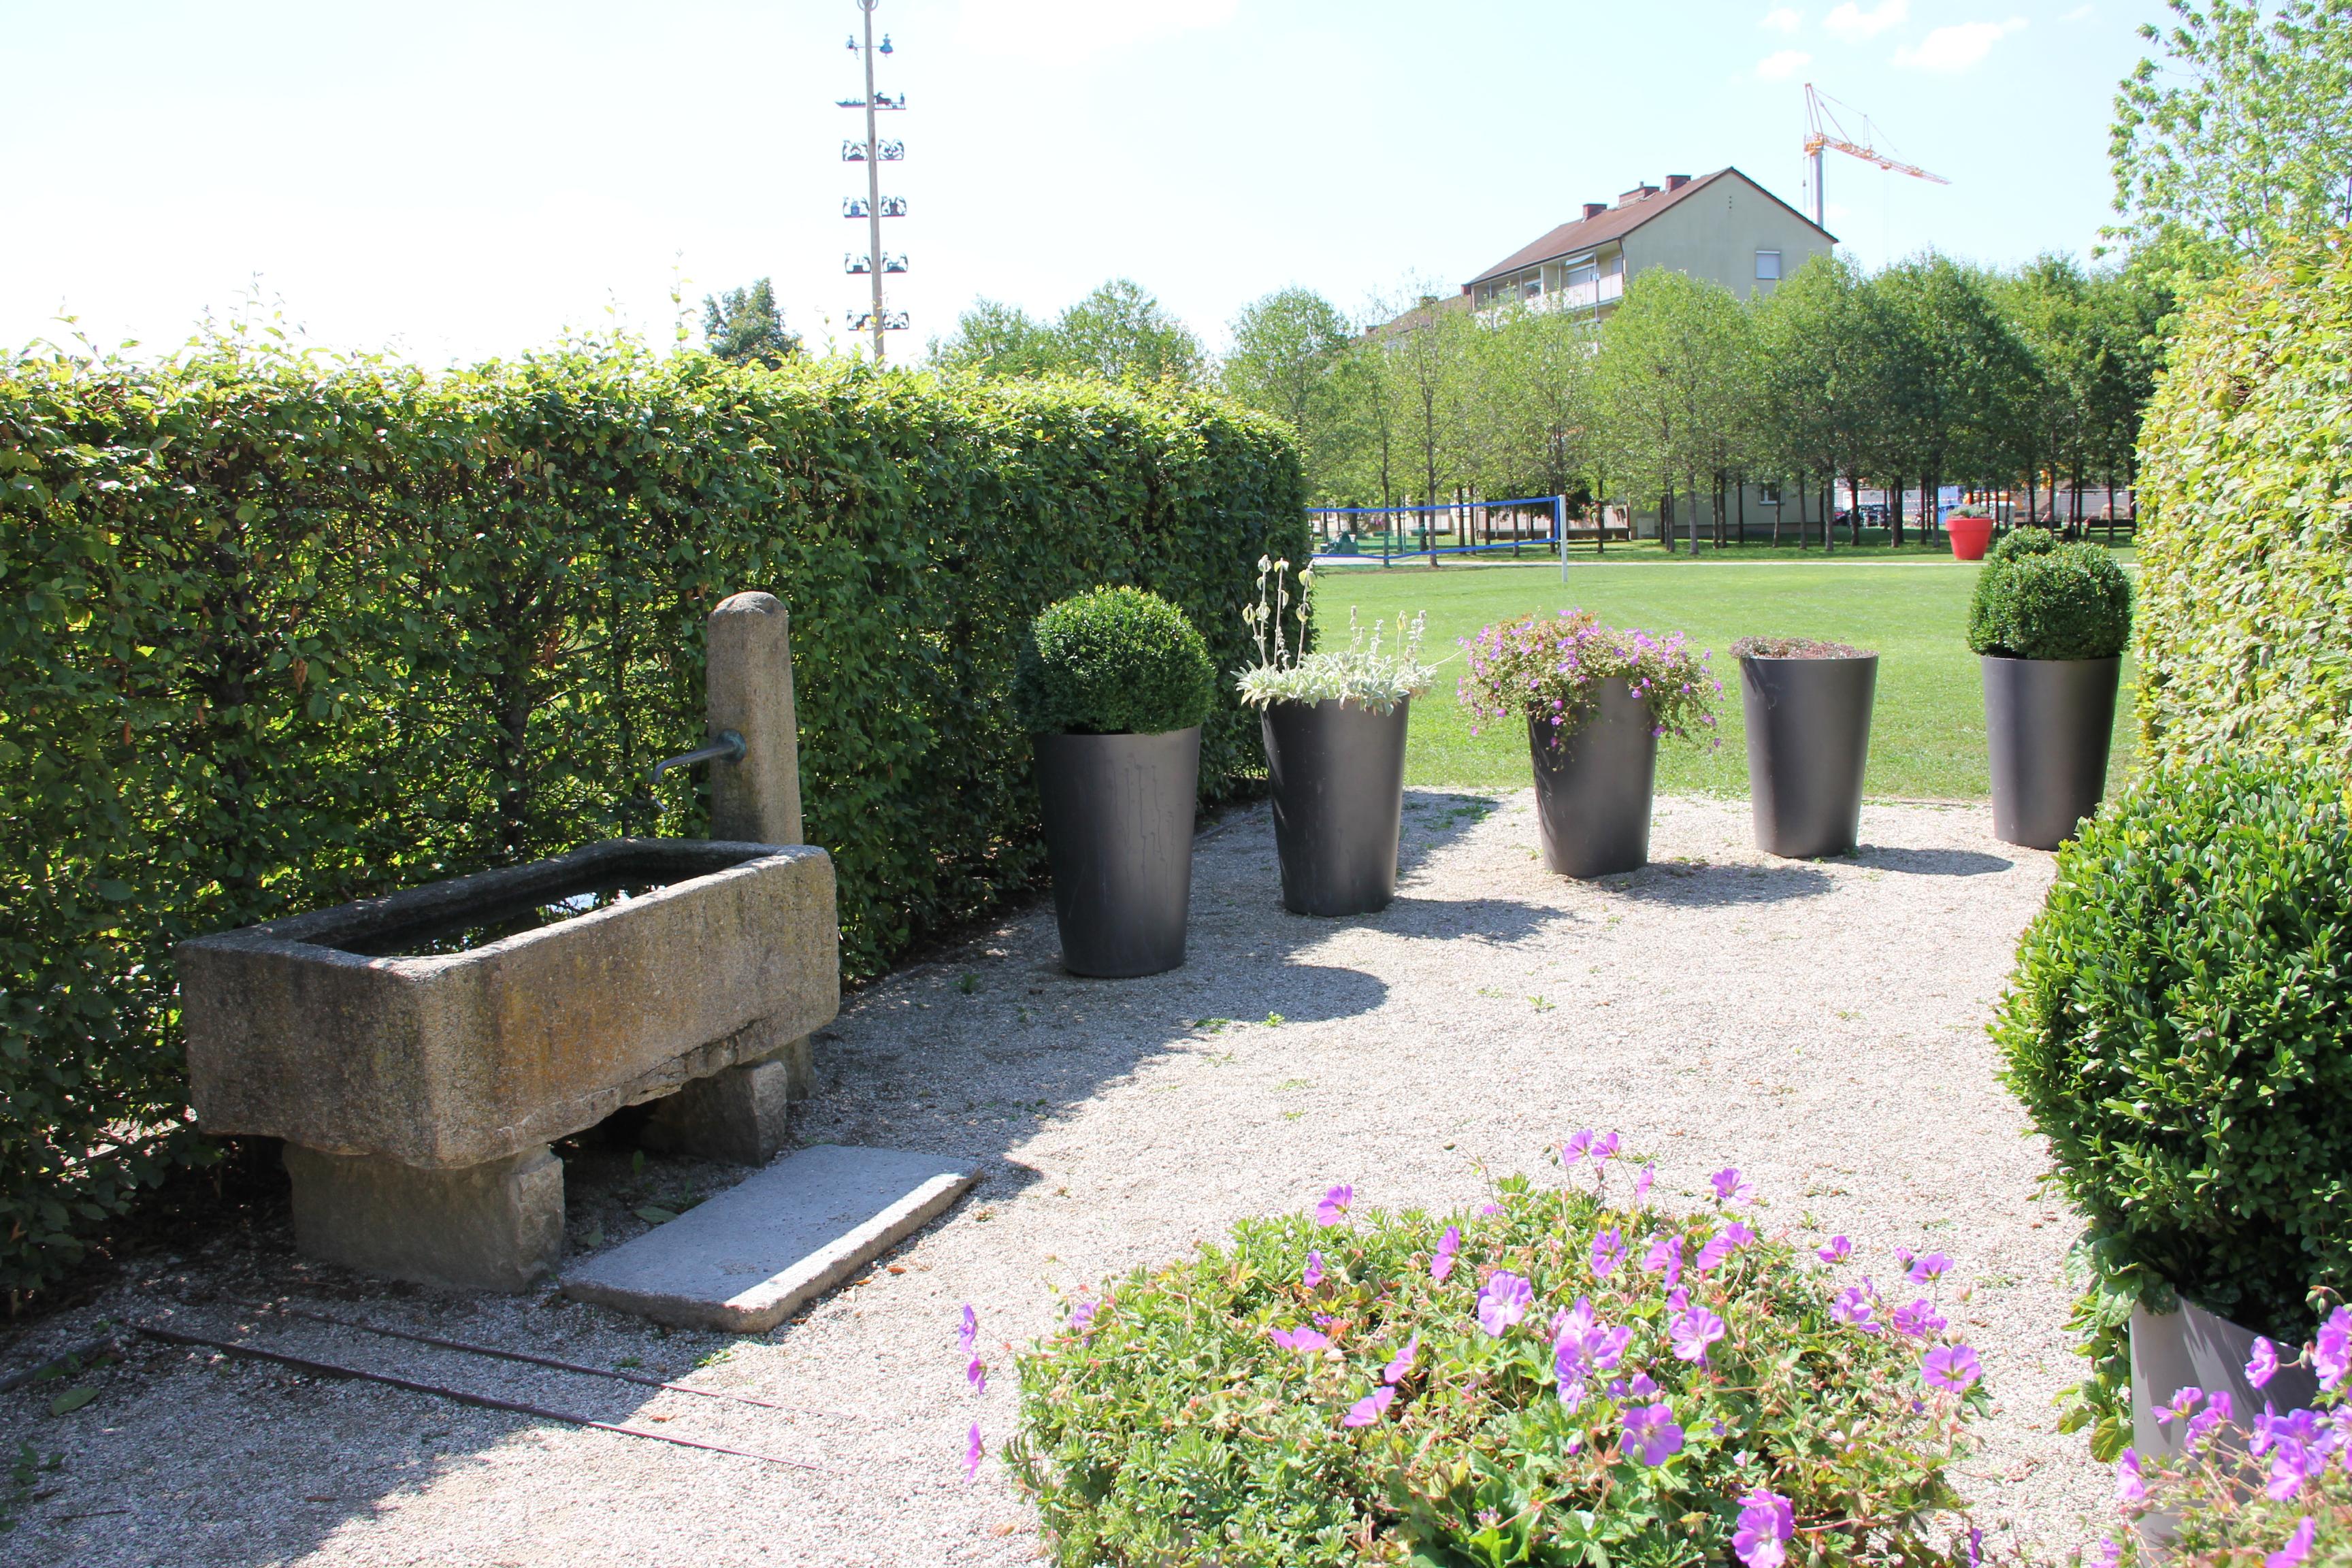 Patengärten